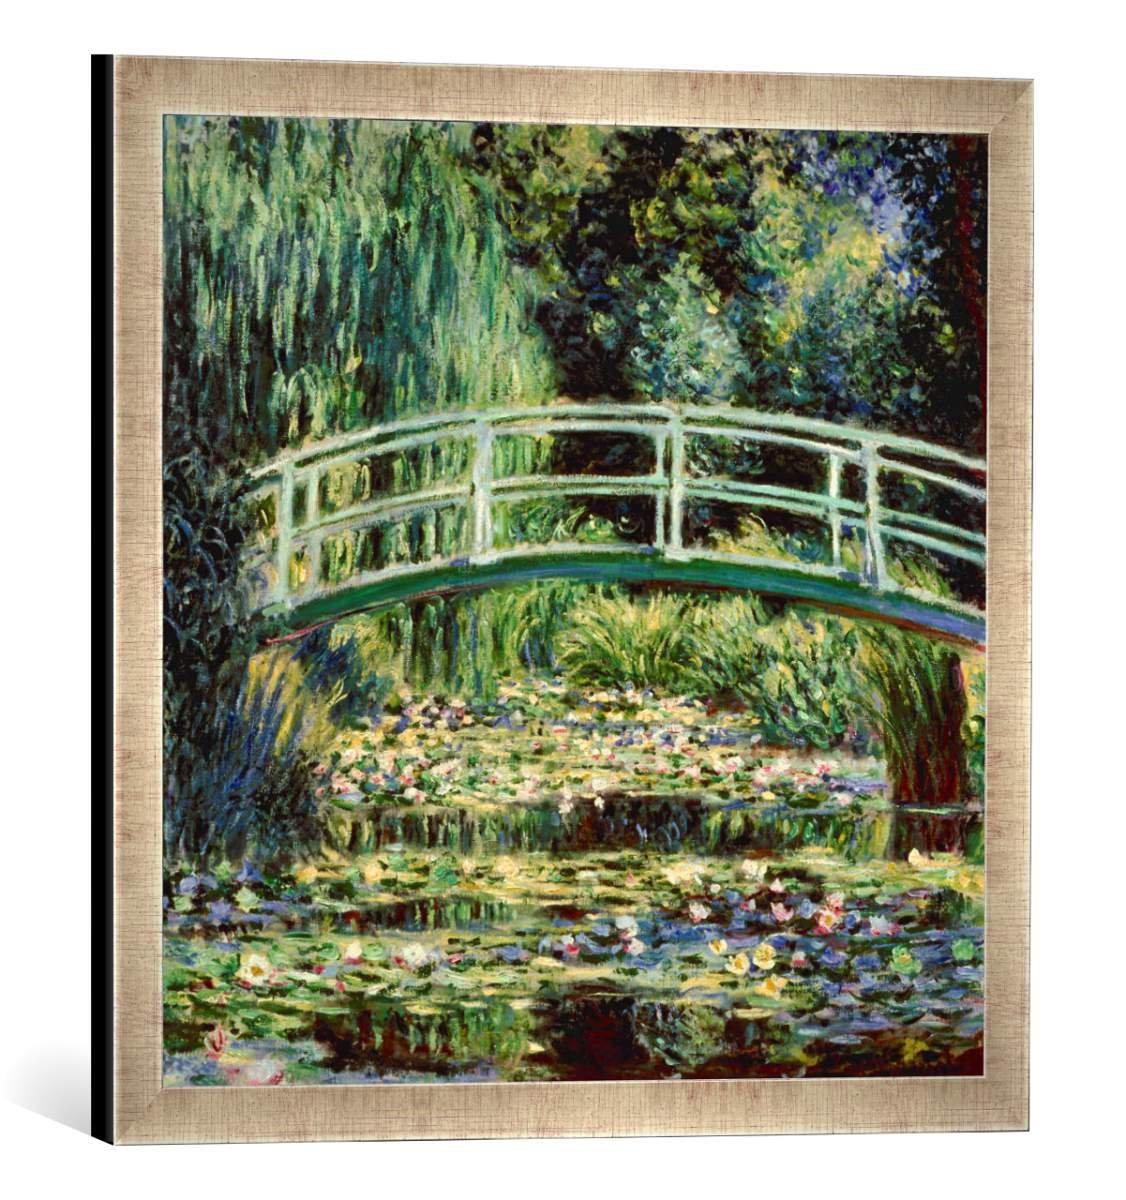 Gerahmtes Bild von Claude Monet Le Bassin aux Nymphéas, Kunstdruck im hochwertigen handgefertigten Bilder-Rahmen, 50x50 cm, Silber Raya